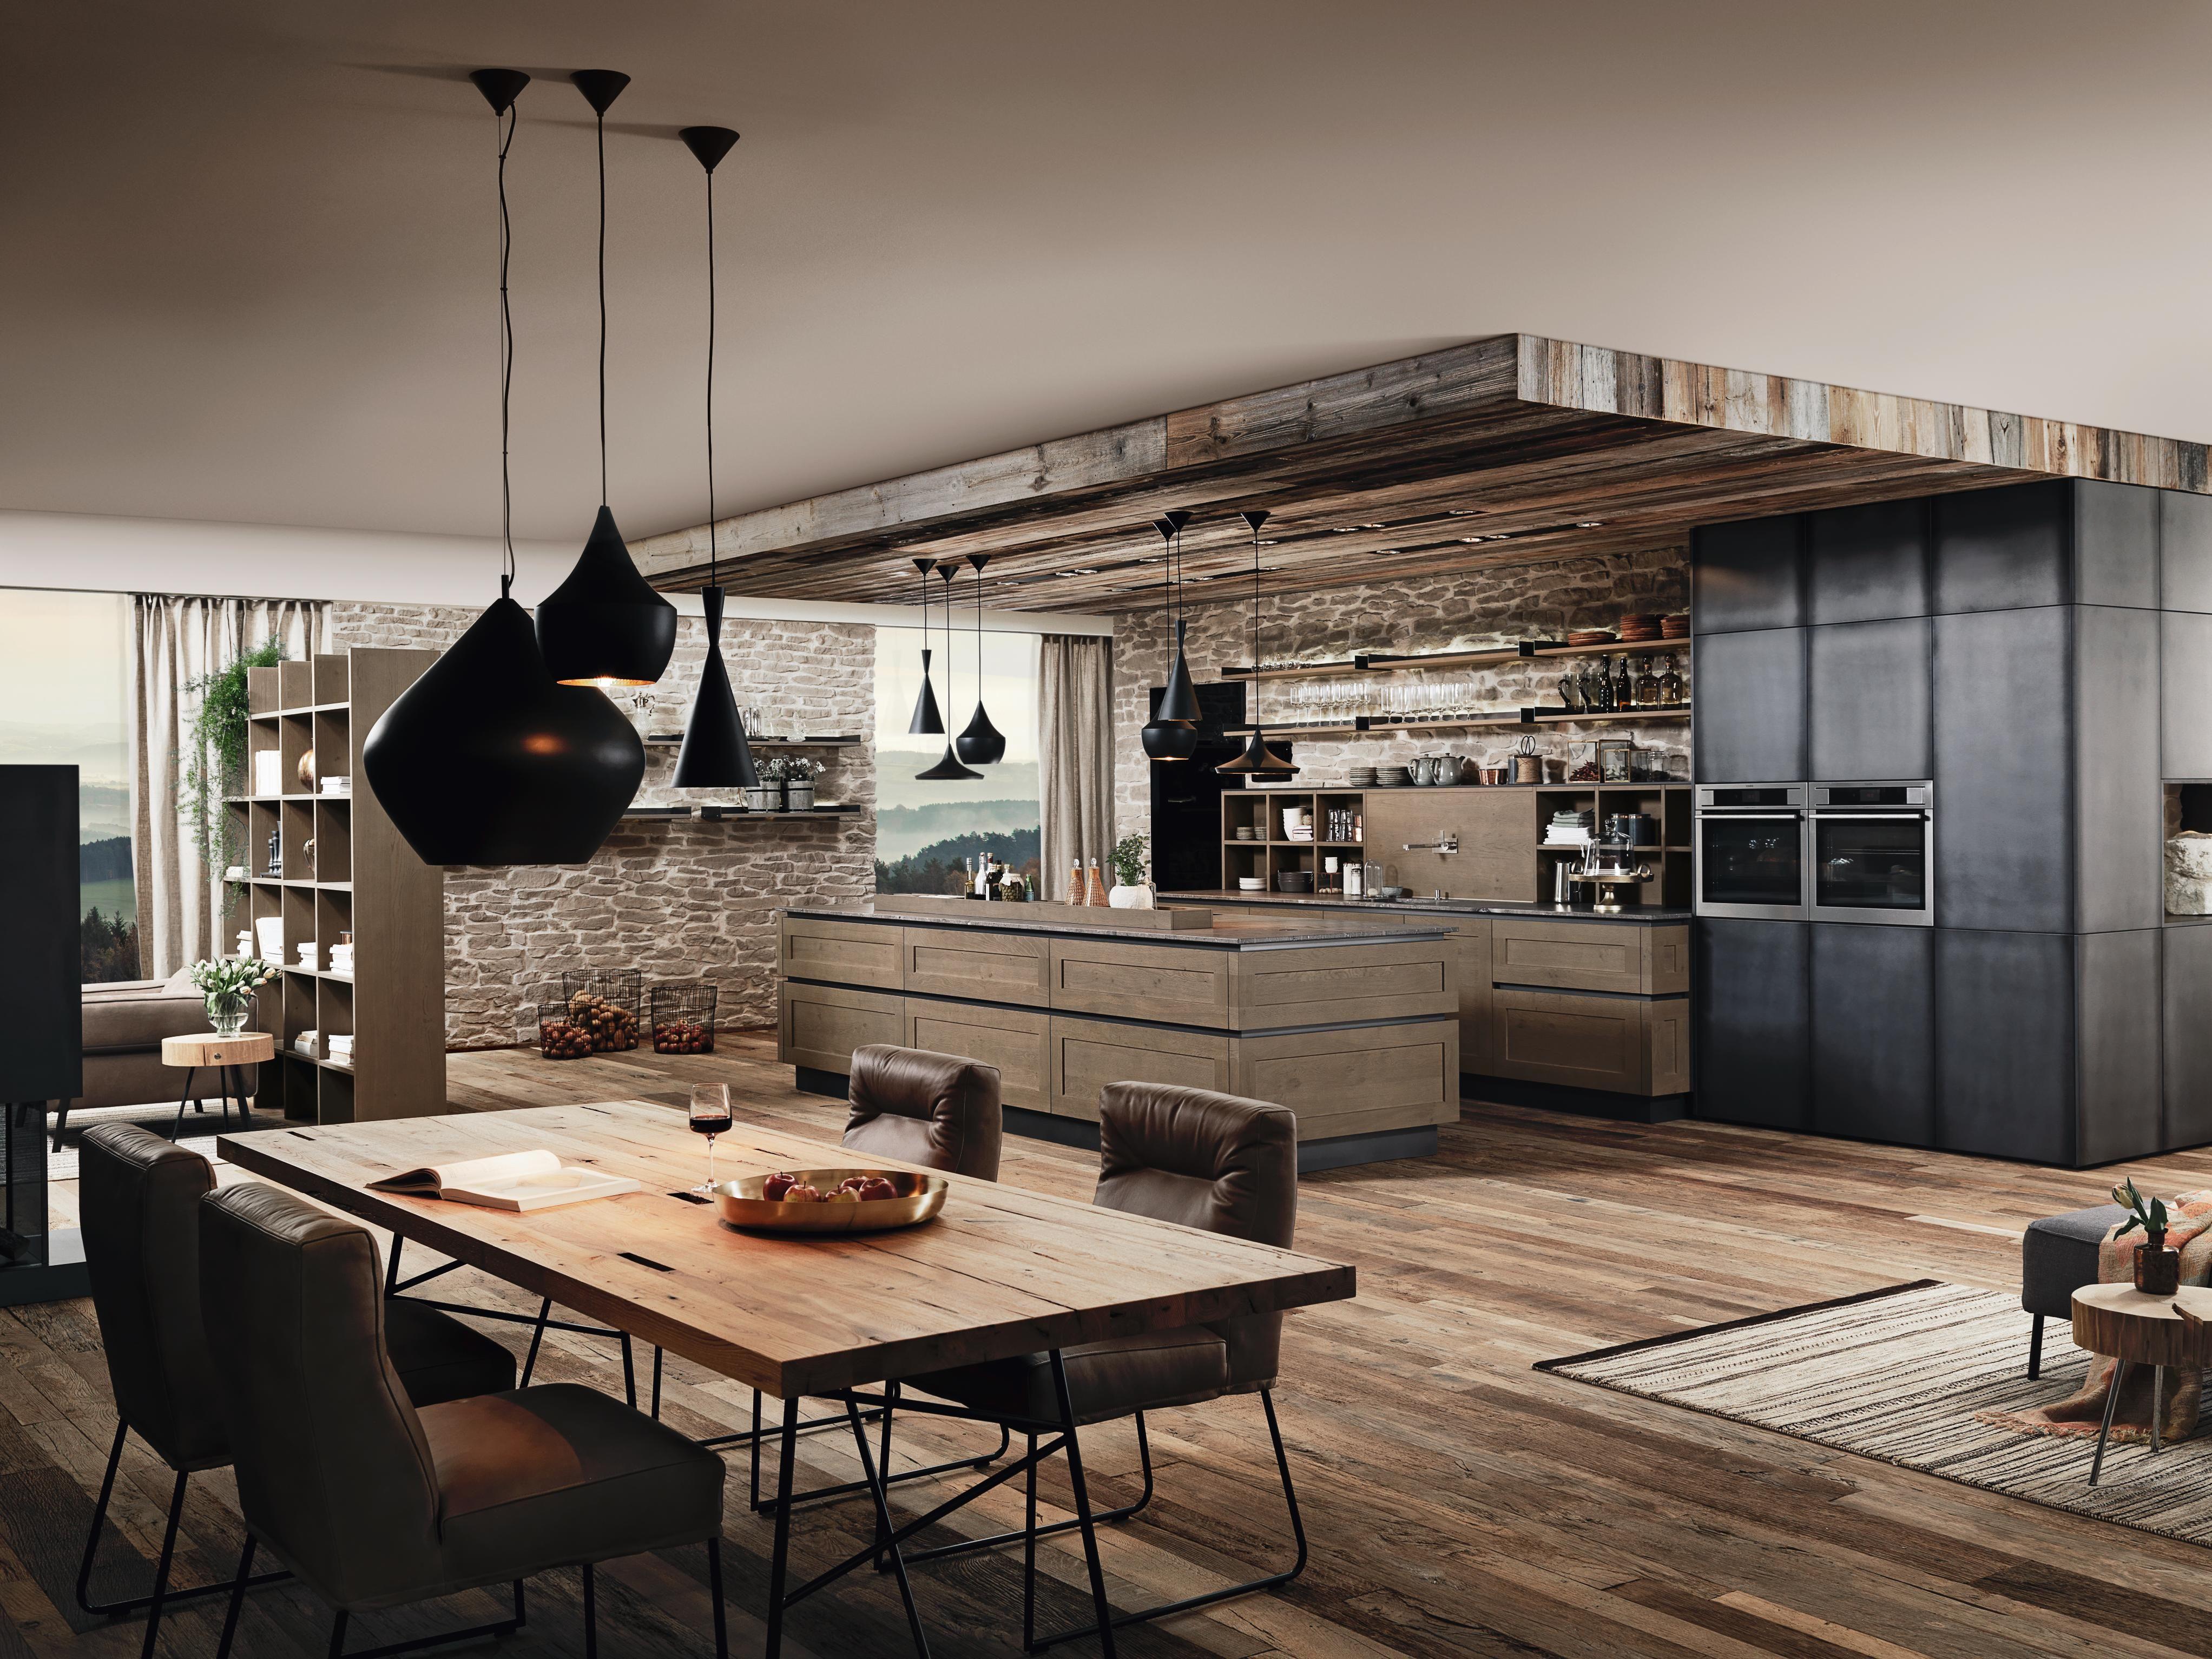 FM KüchenFM Küchen in 18  Haus küchen, Wohnen, Landhausküche